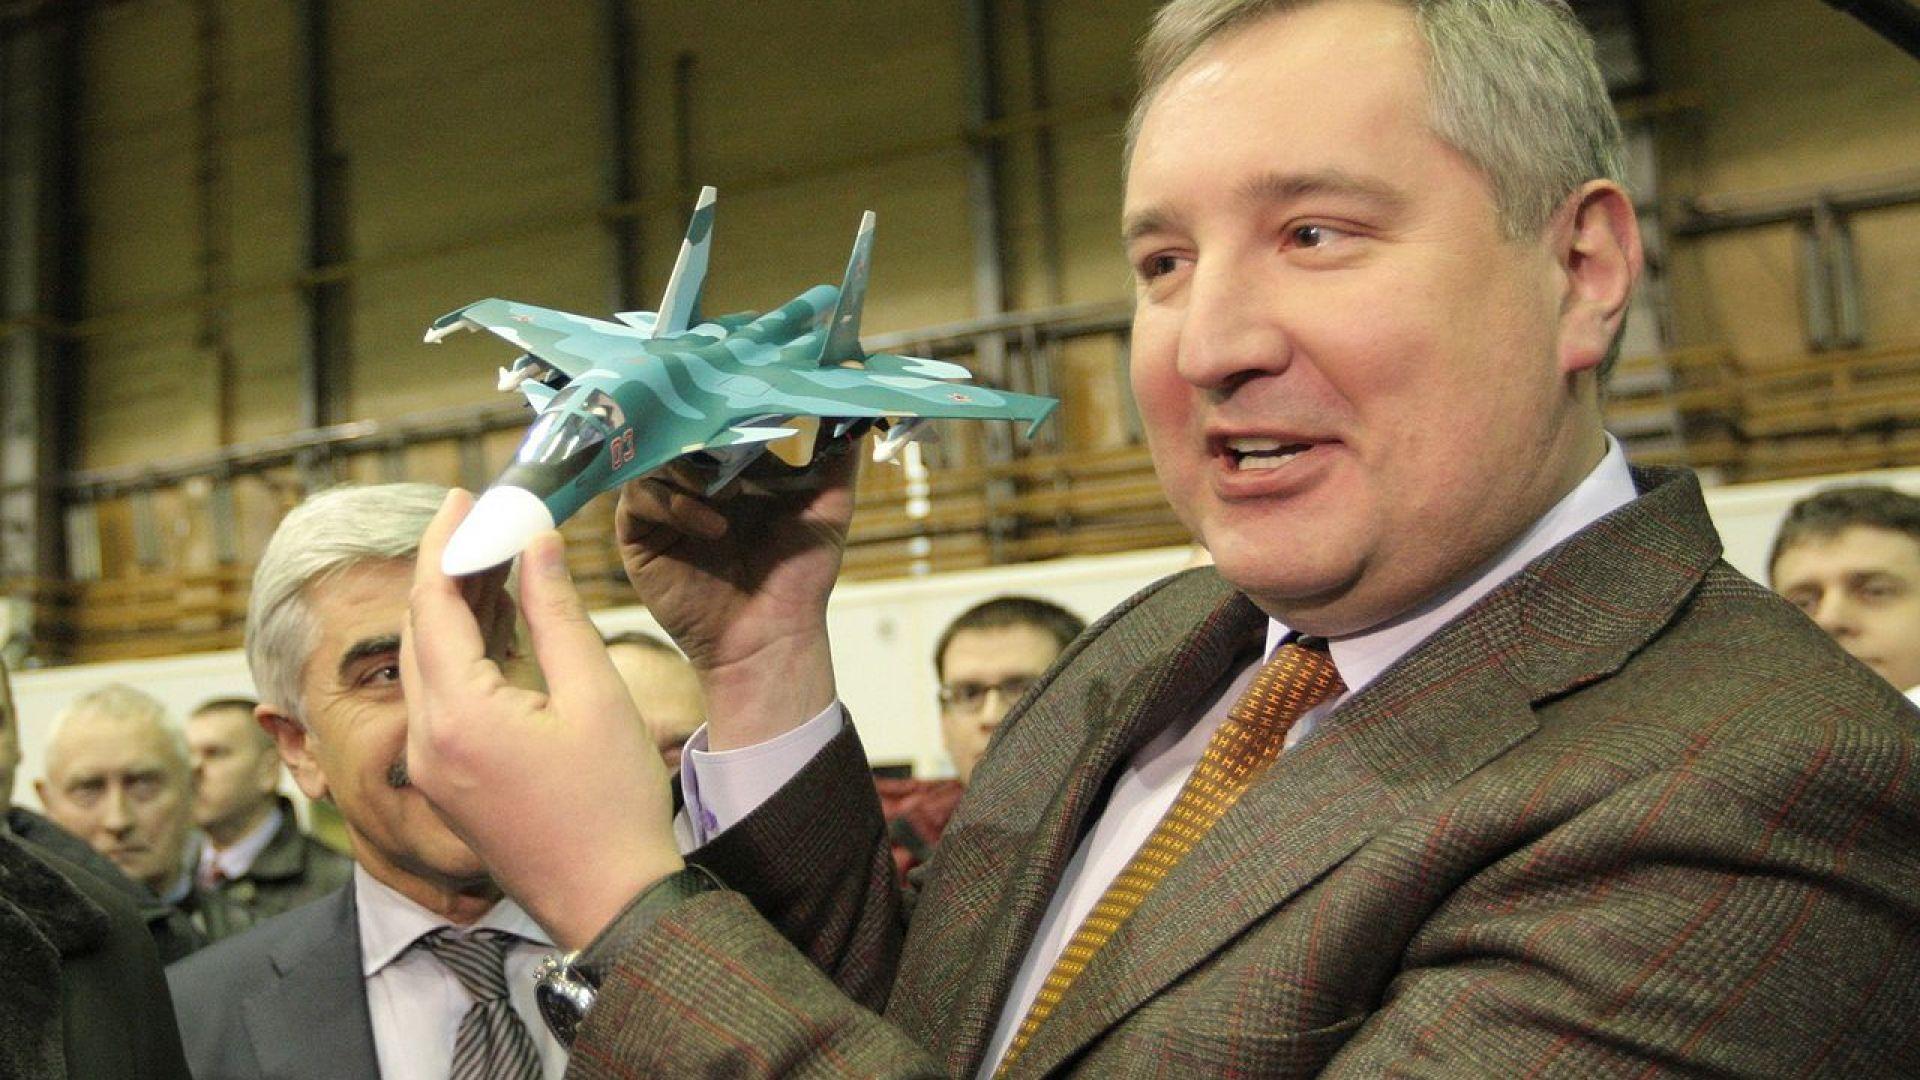 Рогозин не останал впечатлен от революционния кораб на SpaceX